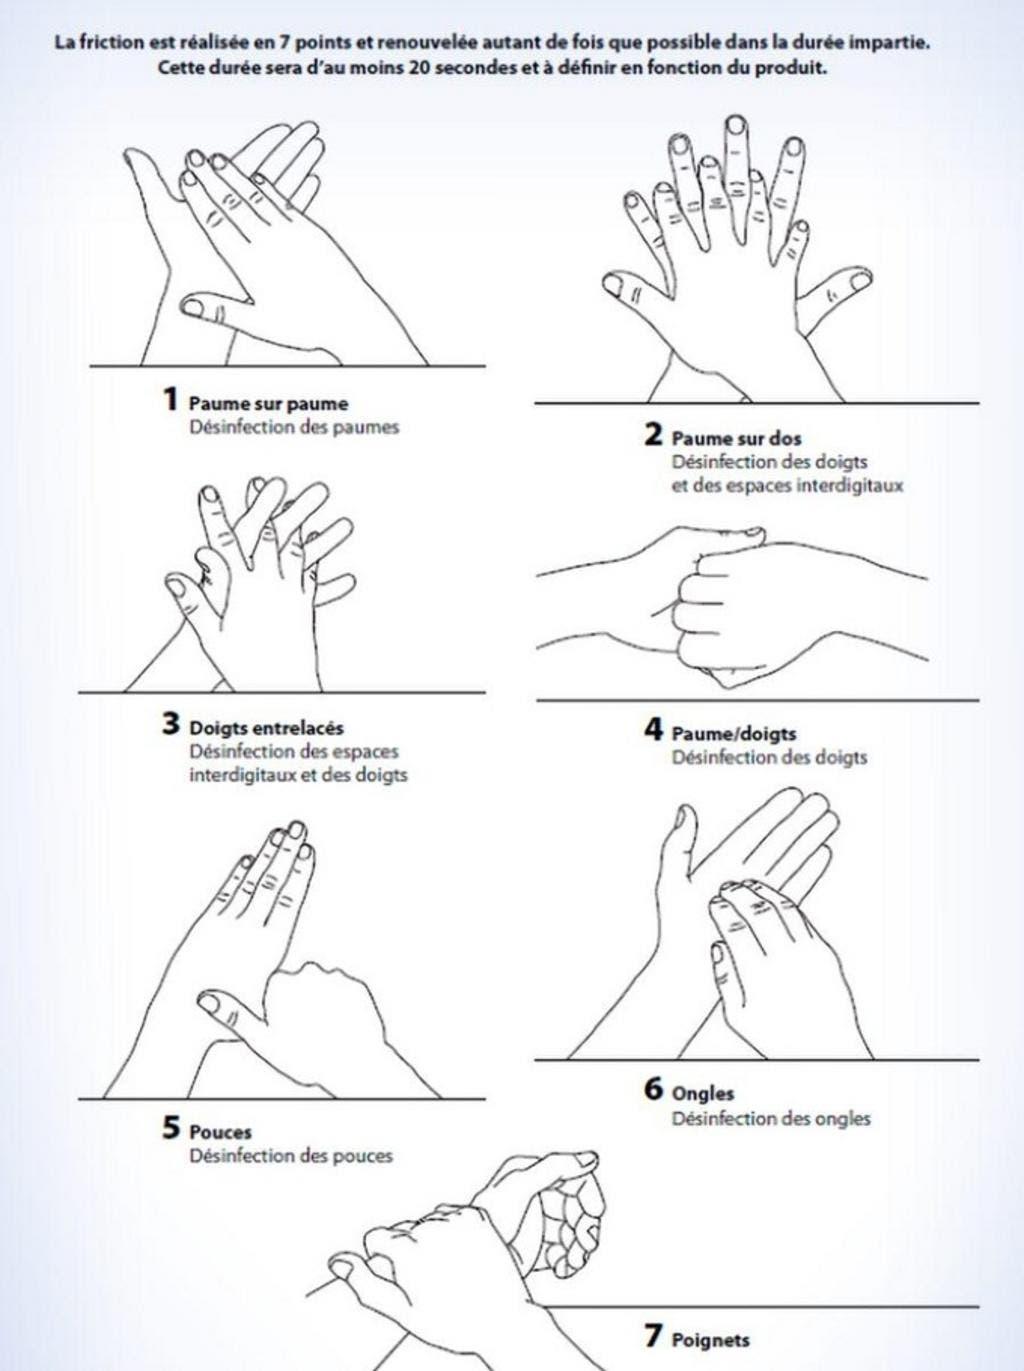 Coronavirus : Pourquoi le lavage des mains pourrait vraiment ralentir l'épidémie